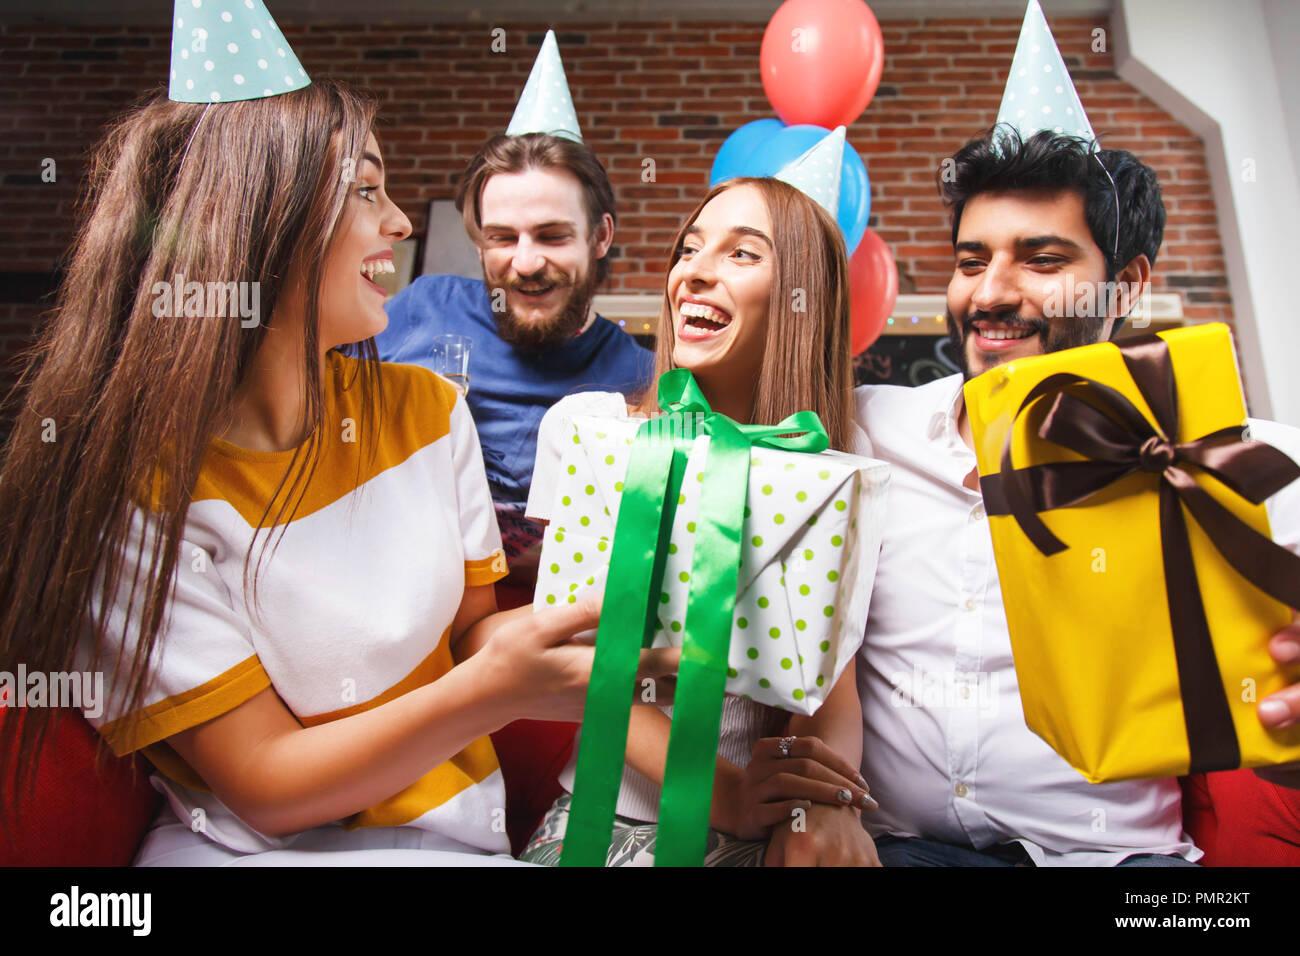 Ofreciendo regalos a amigos increíble mujer en un gorro de fiesta, están sonriendo y riendo un montón Imagen De Stock